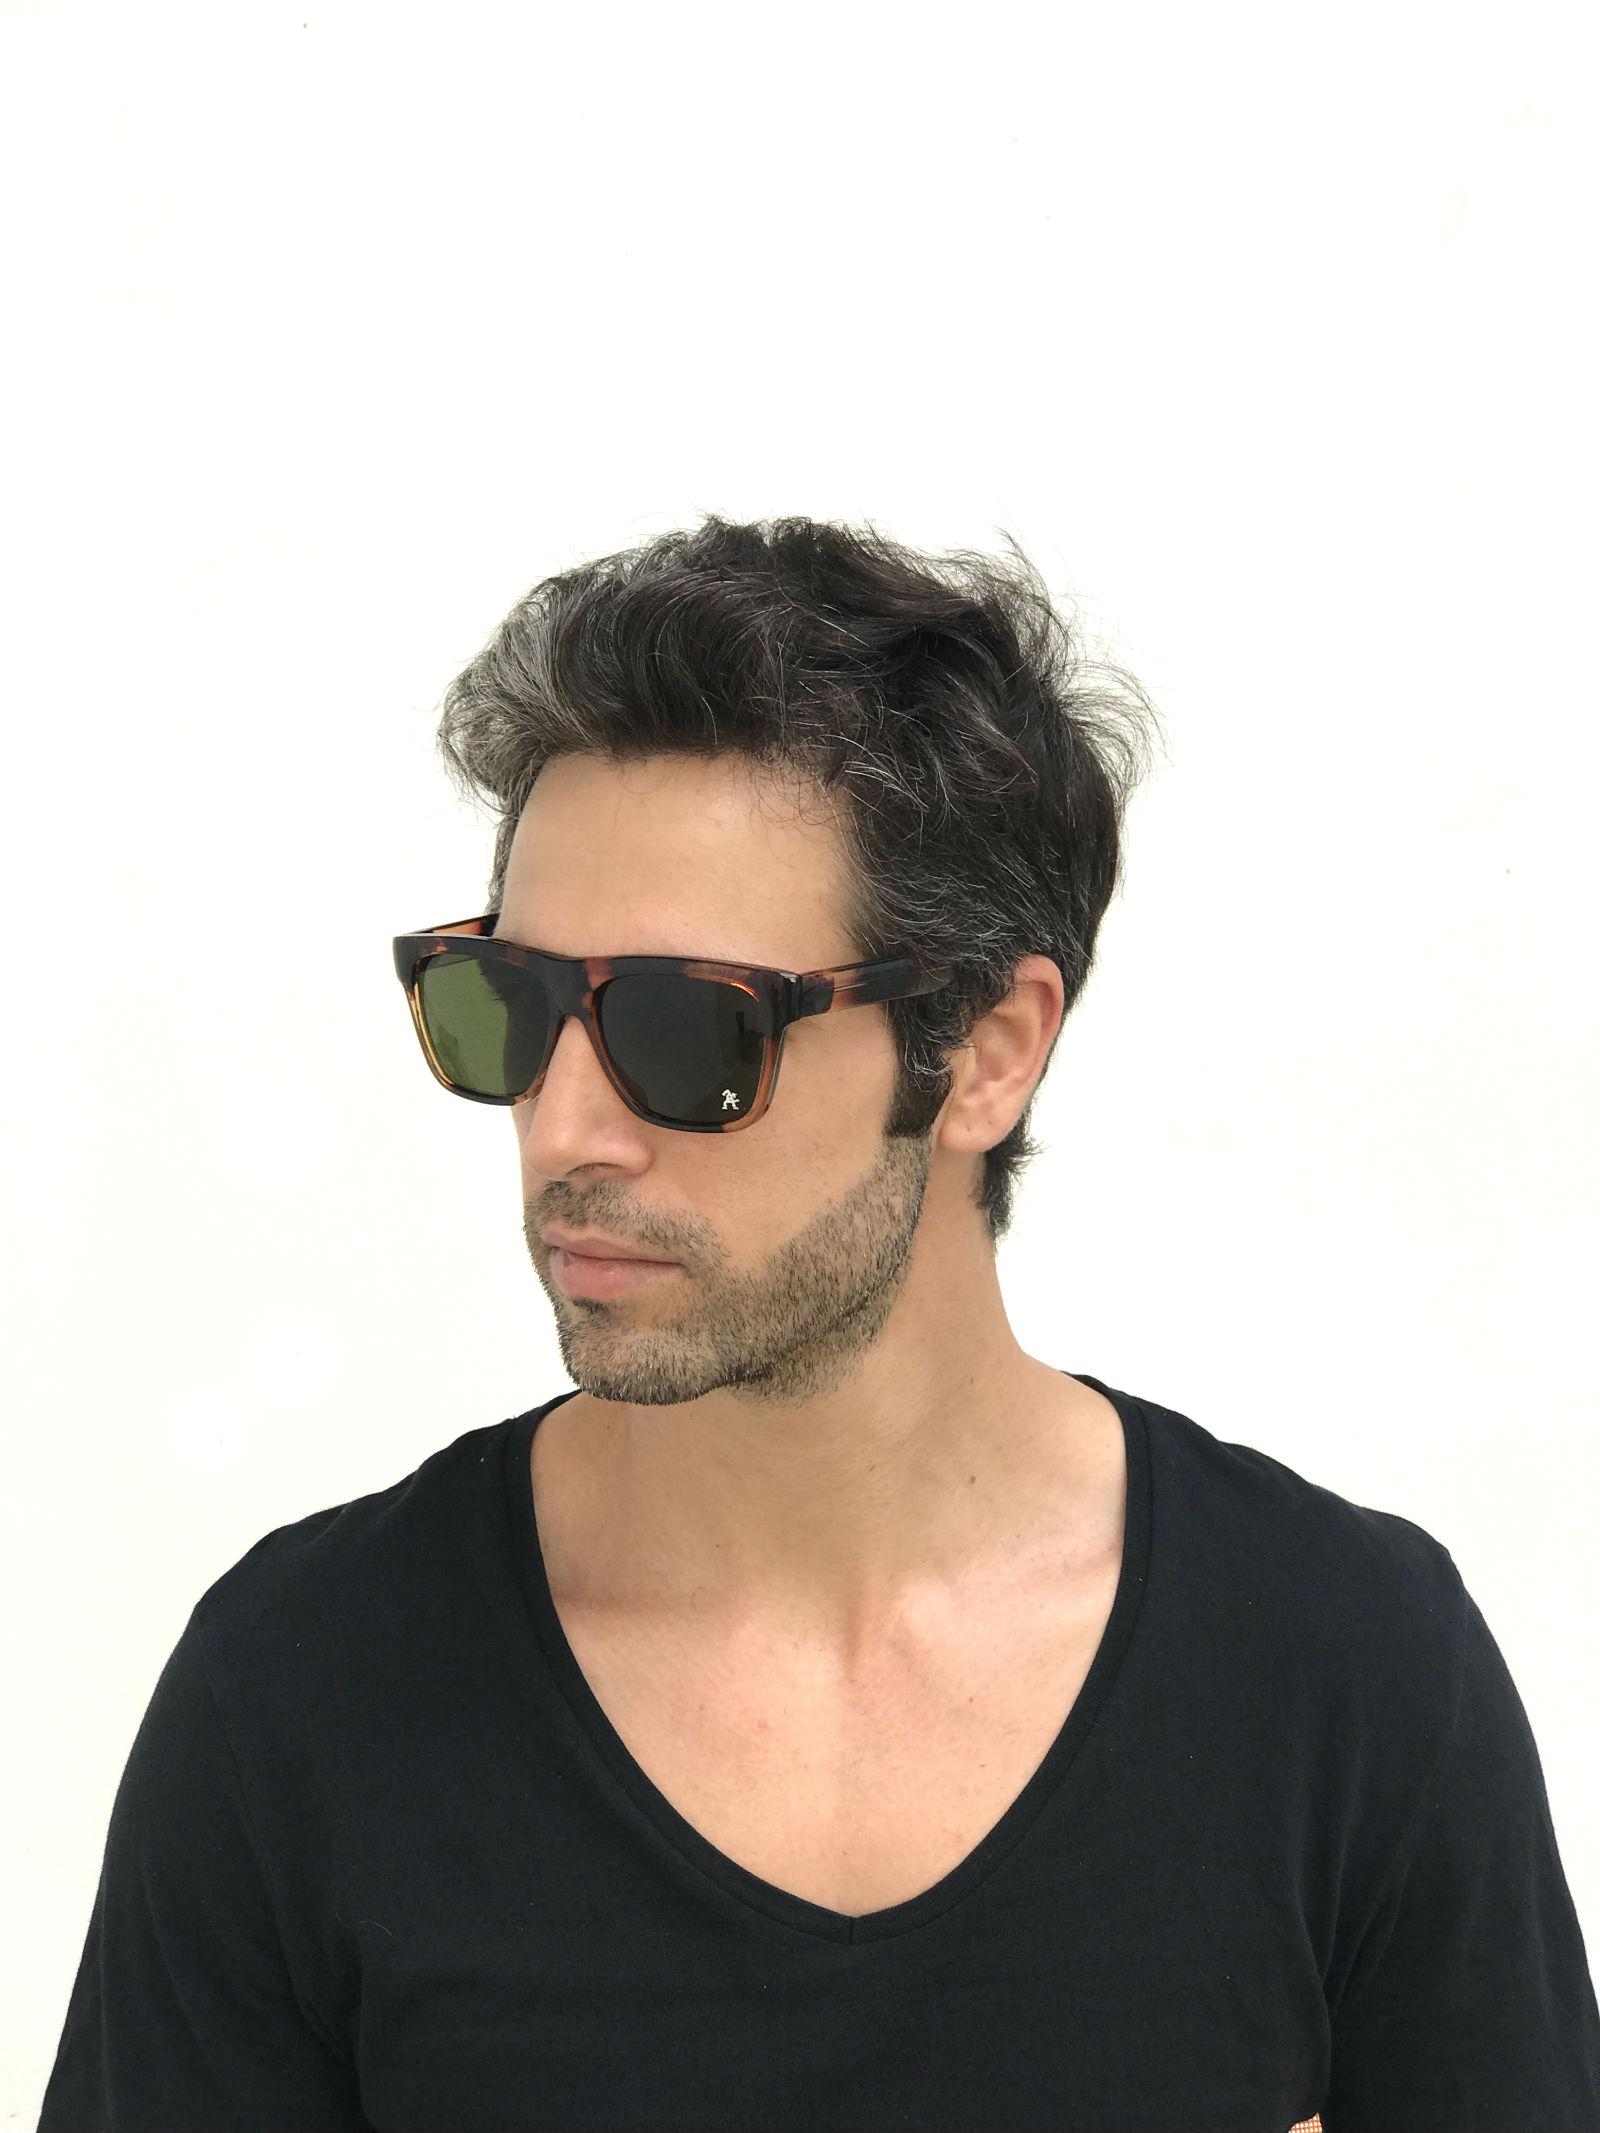 78c4c4fccf06 retro rectangular tortoise sunglasses with green lenses Hi Tek HT-92111